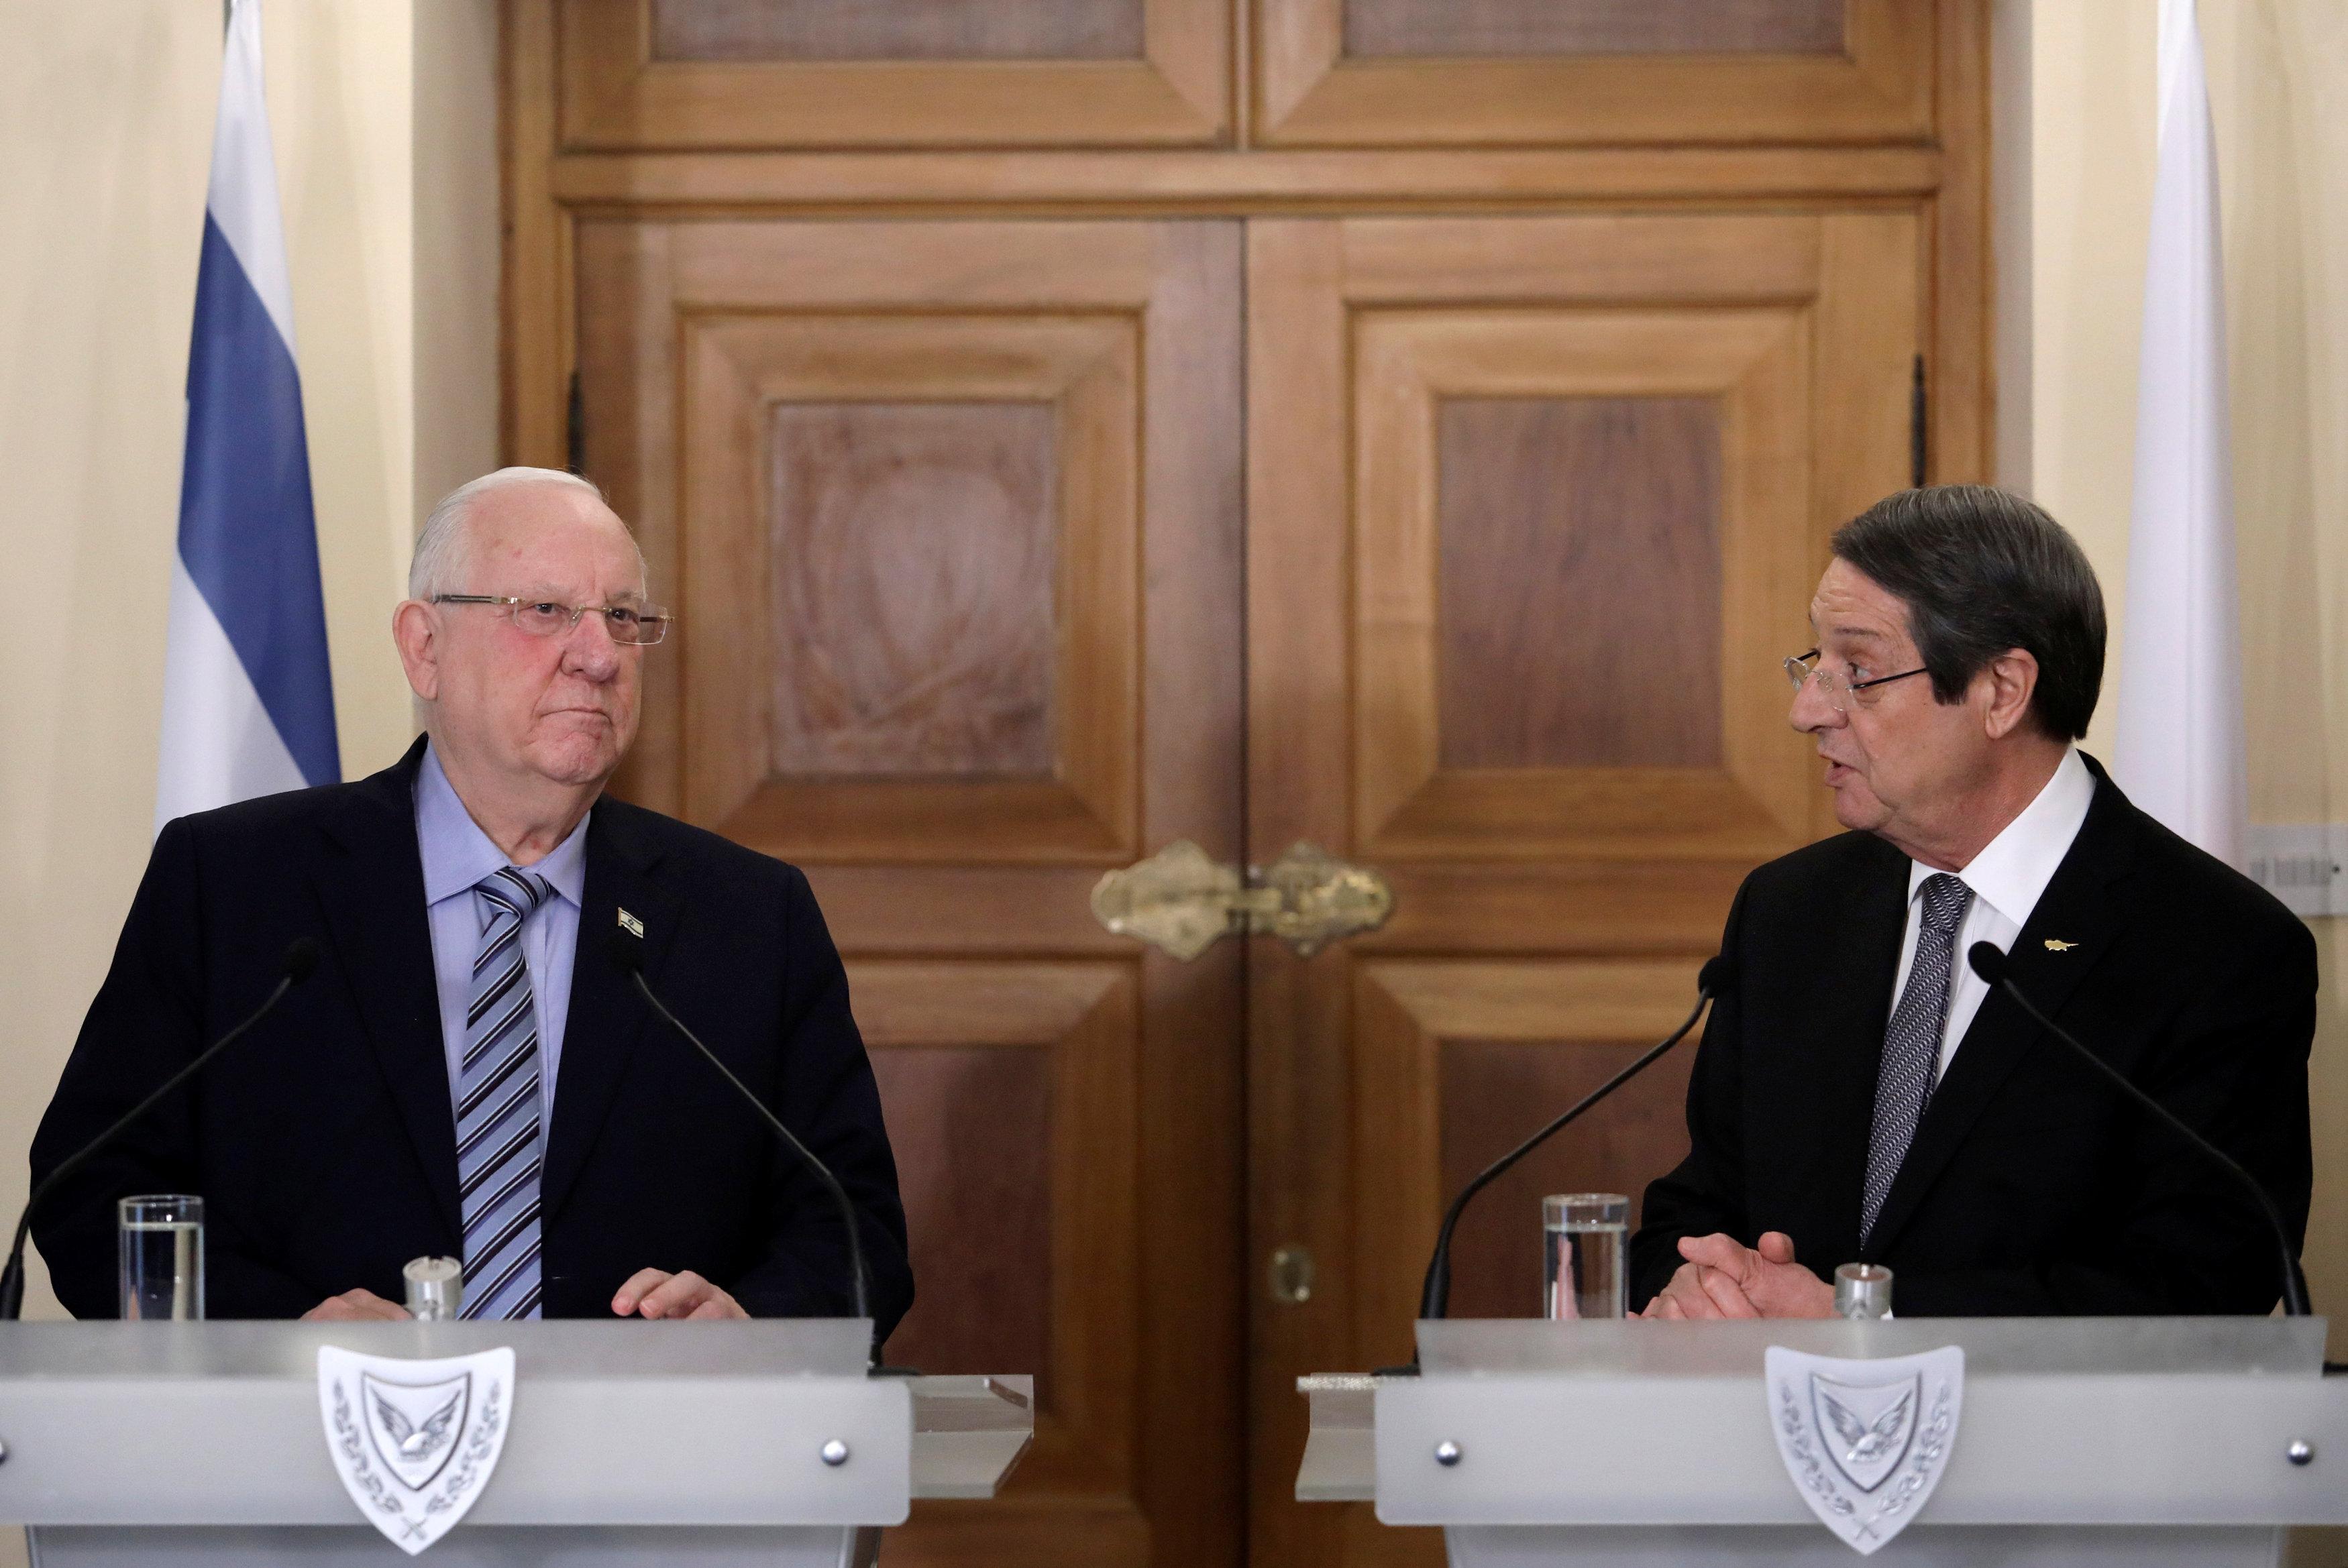 Ο Νίκος Αναστασιάδης συναντήθηκε με τον Πρόεδρο του Ισραήλ